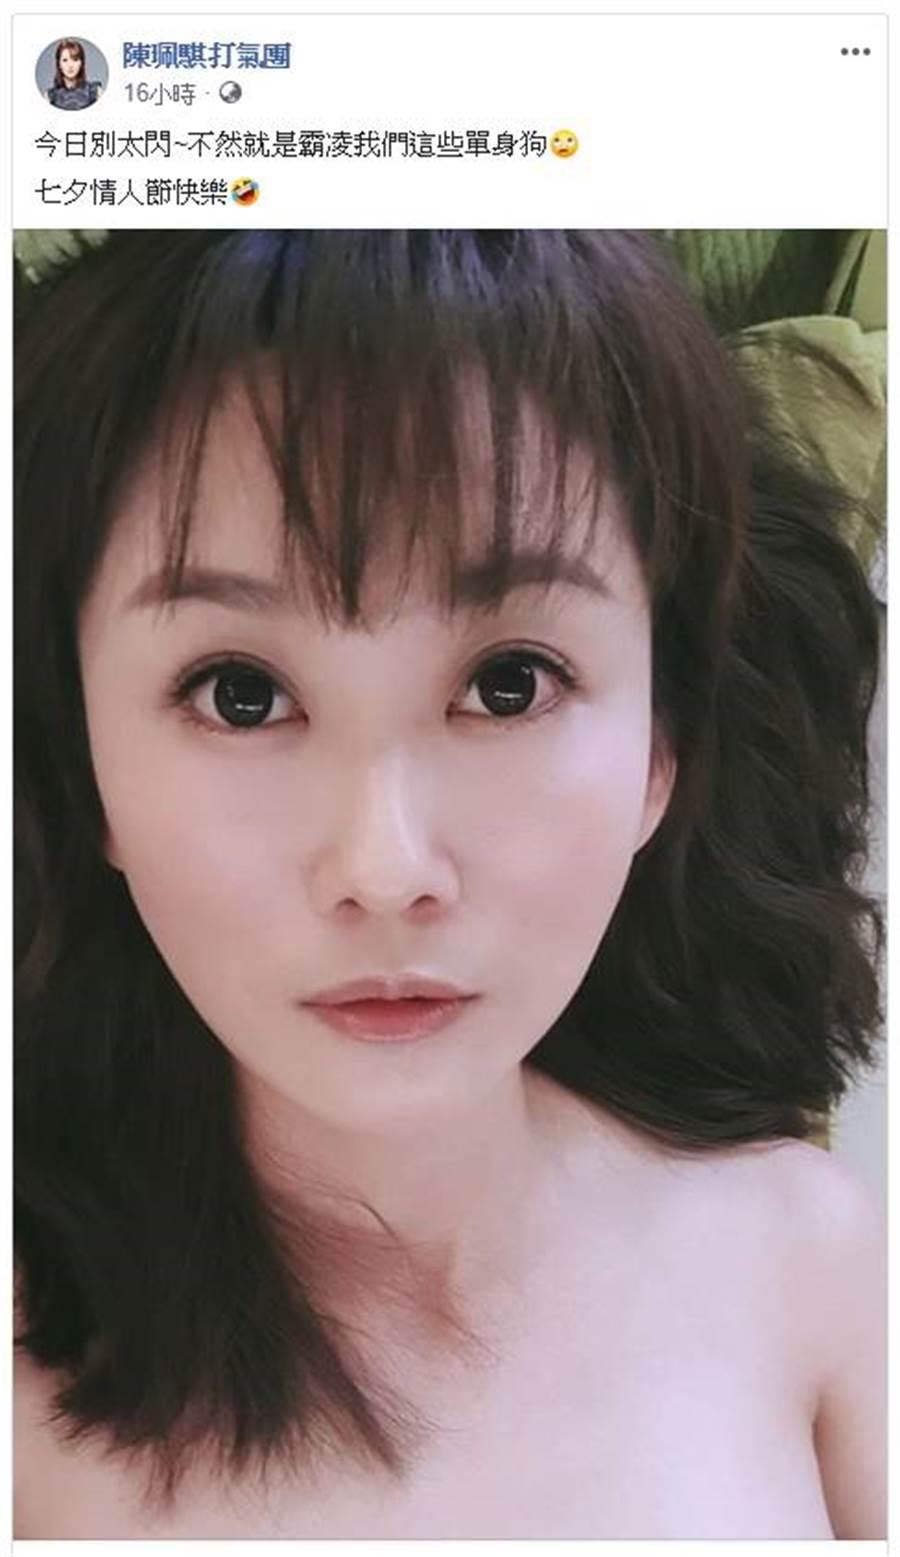 陳珮騏臉書全文。(圖/取材自陳珮騏打氣團臉書)